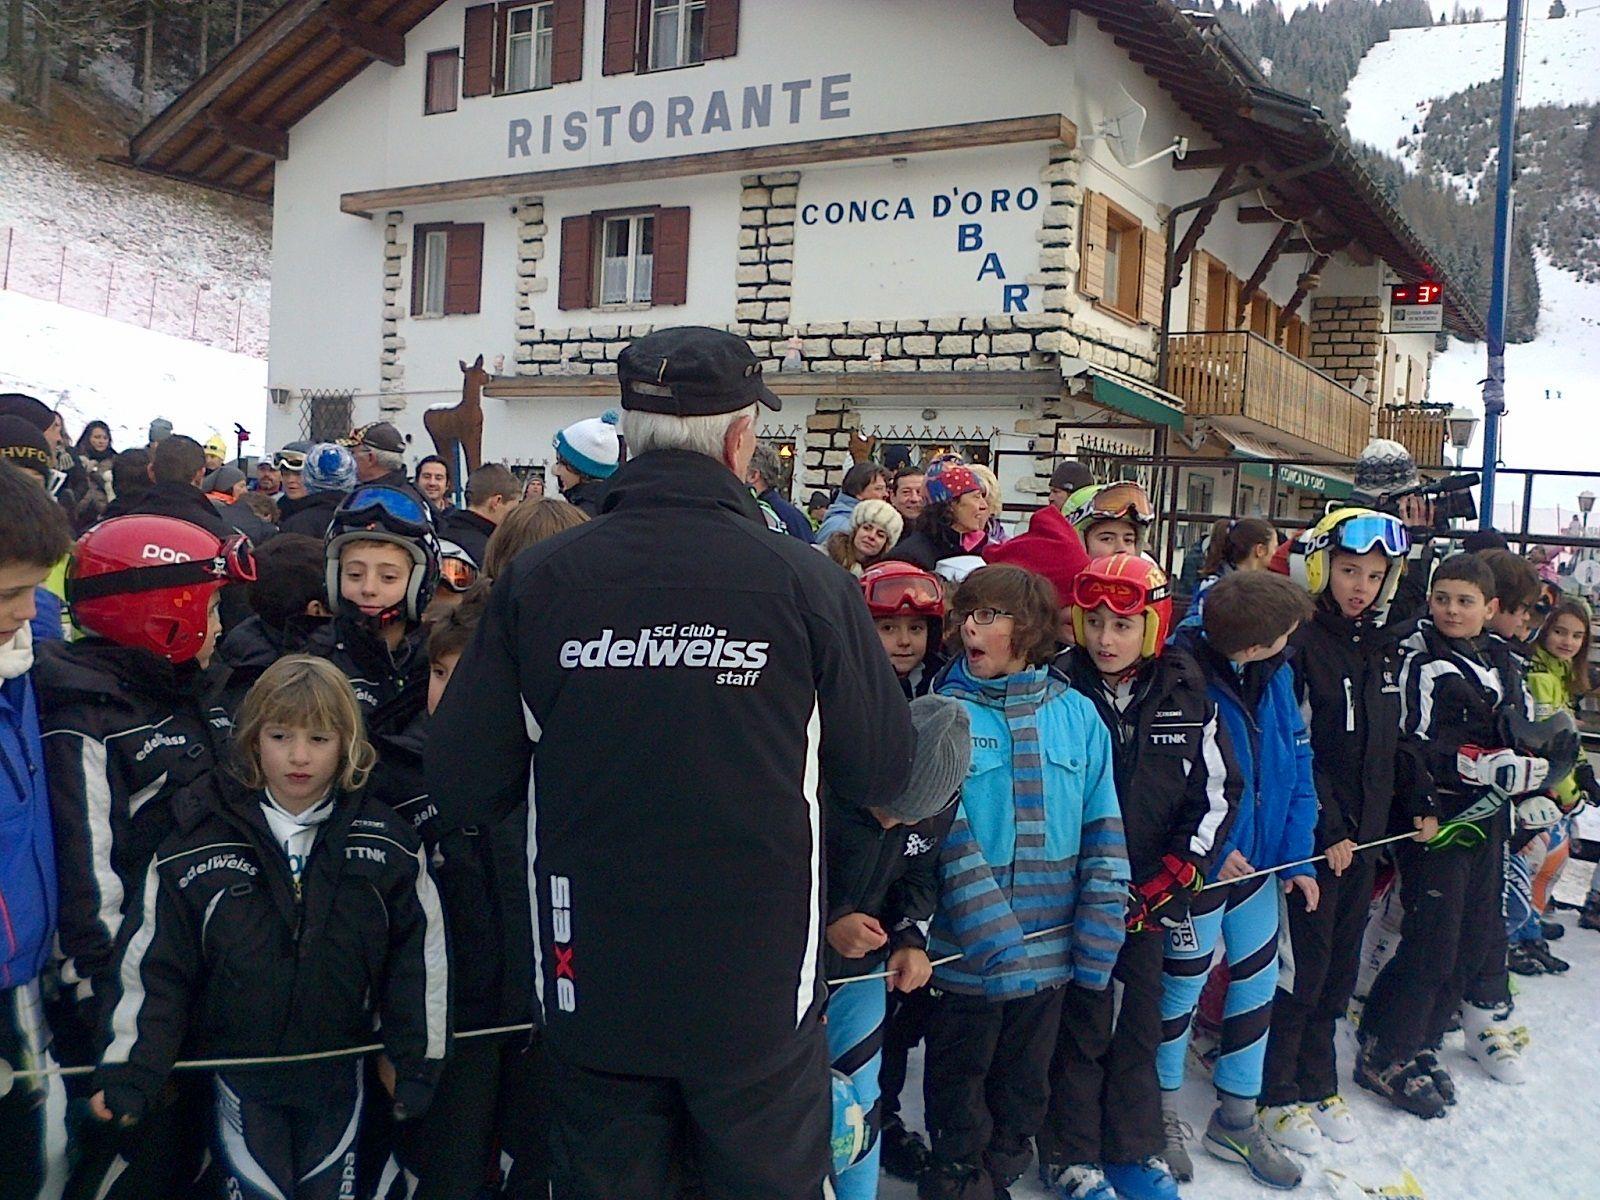 #Folgaria #Trentino #Trofeo #Avesani & #Lattebusche #Pista #Salizzona #organizzatore #SciClub #Edelweiss e #Folgariaski